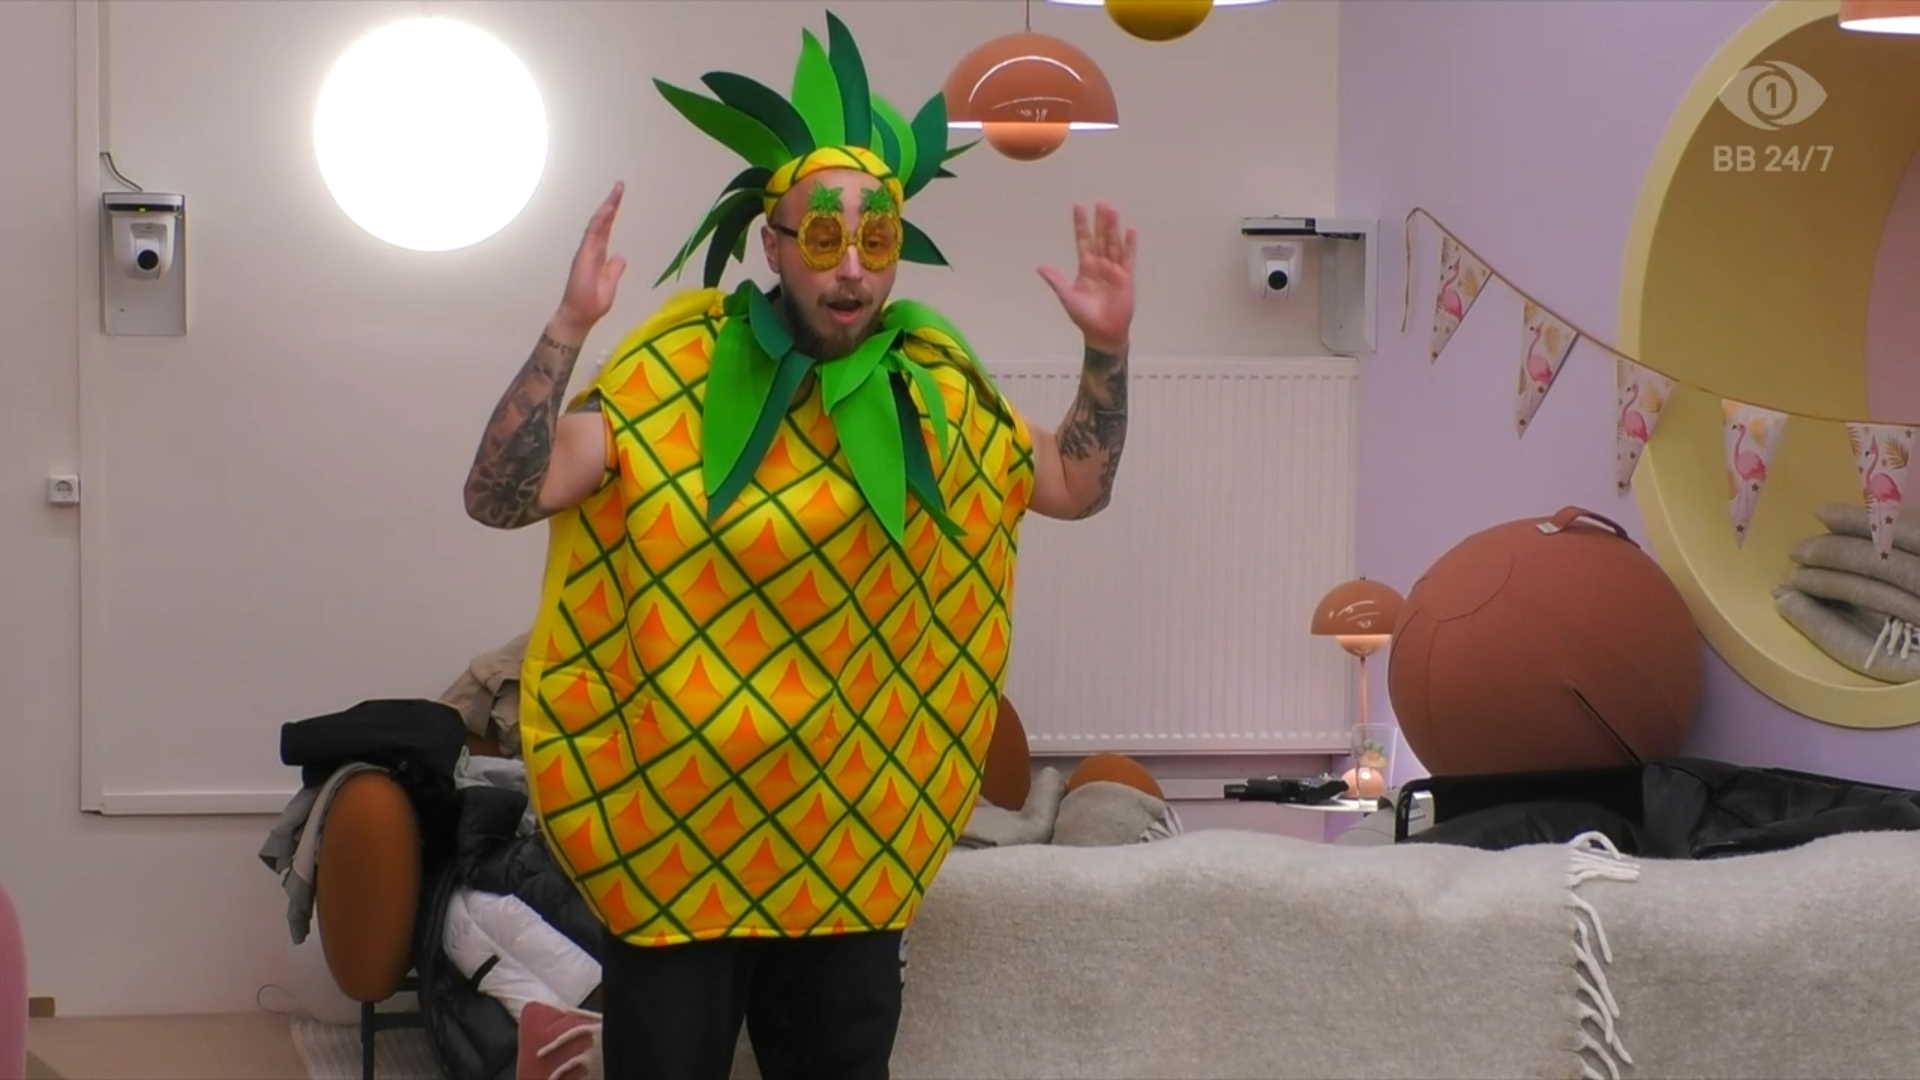 Arttu valittiin ananaslohkon johtajaksi ananasfestivaaleilla. Kuva: © Nelonen Media.